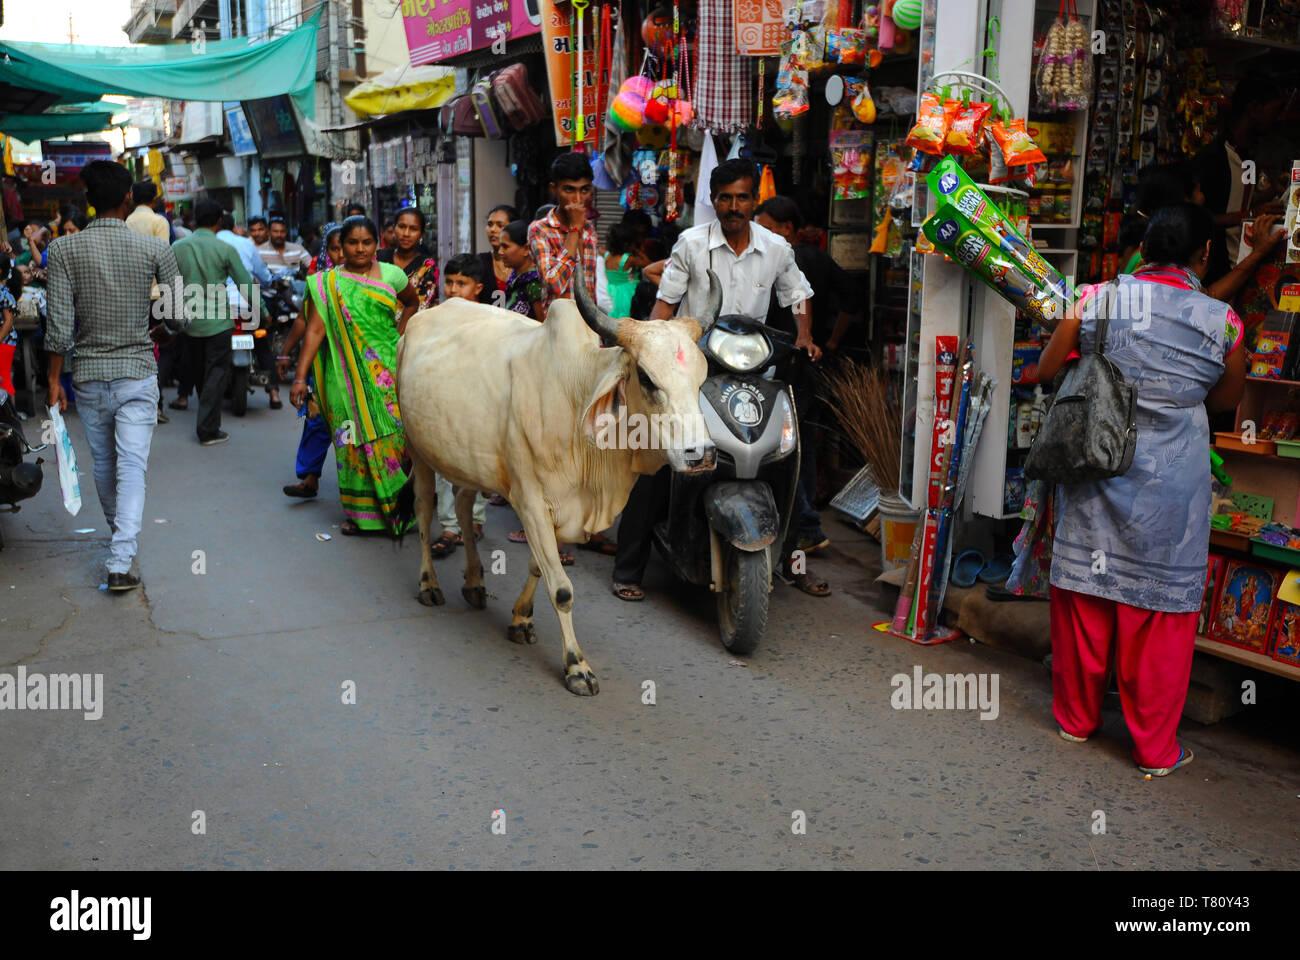 Rue commerçante animée sur le marché, avec des vaches sacrées, Mandvi, Gujarat, Inde, Asie Banque D'Images